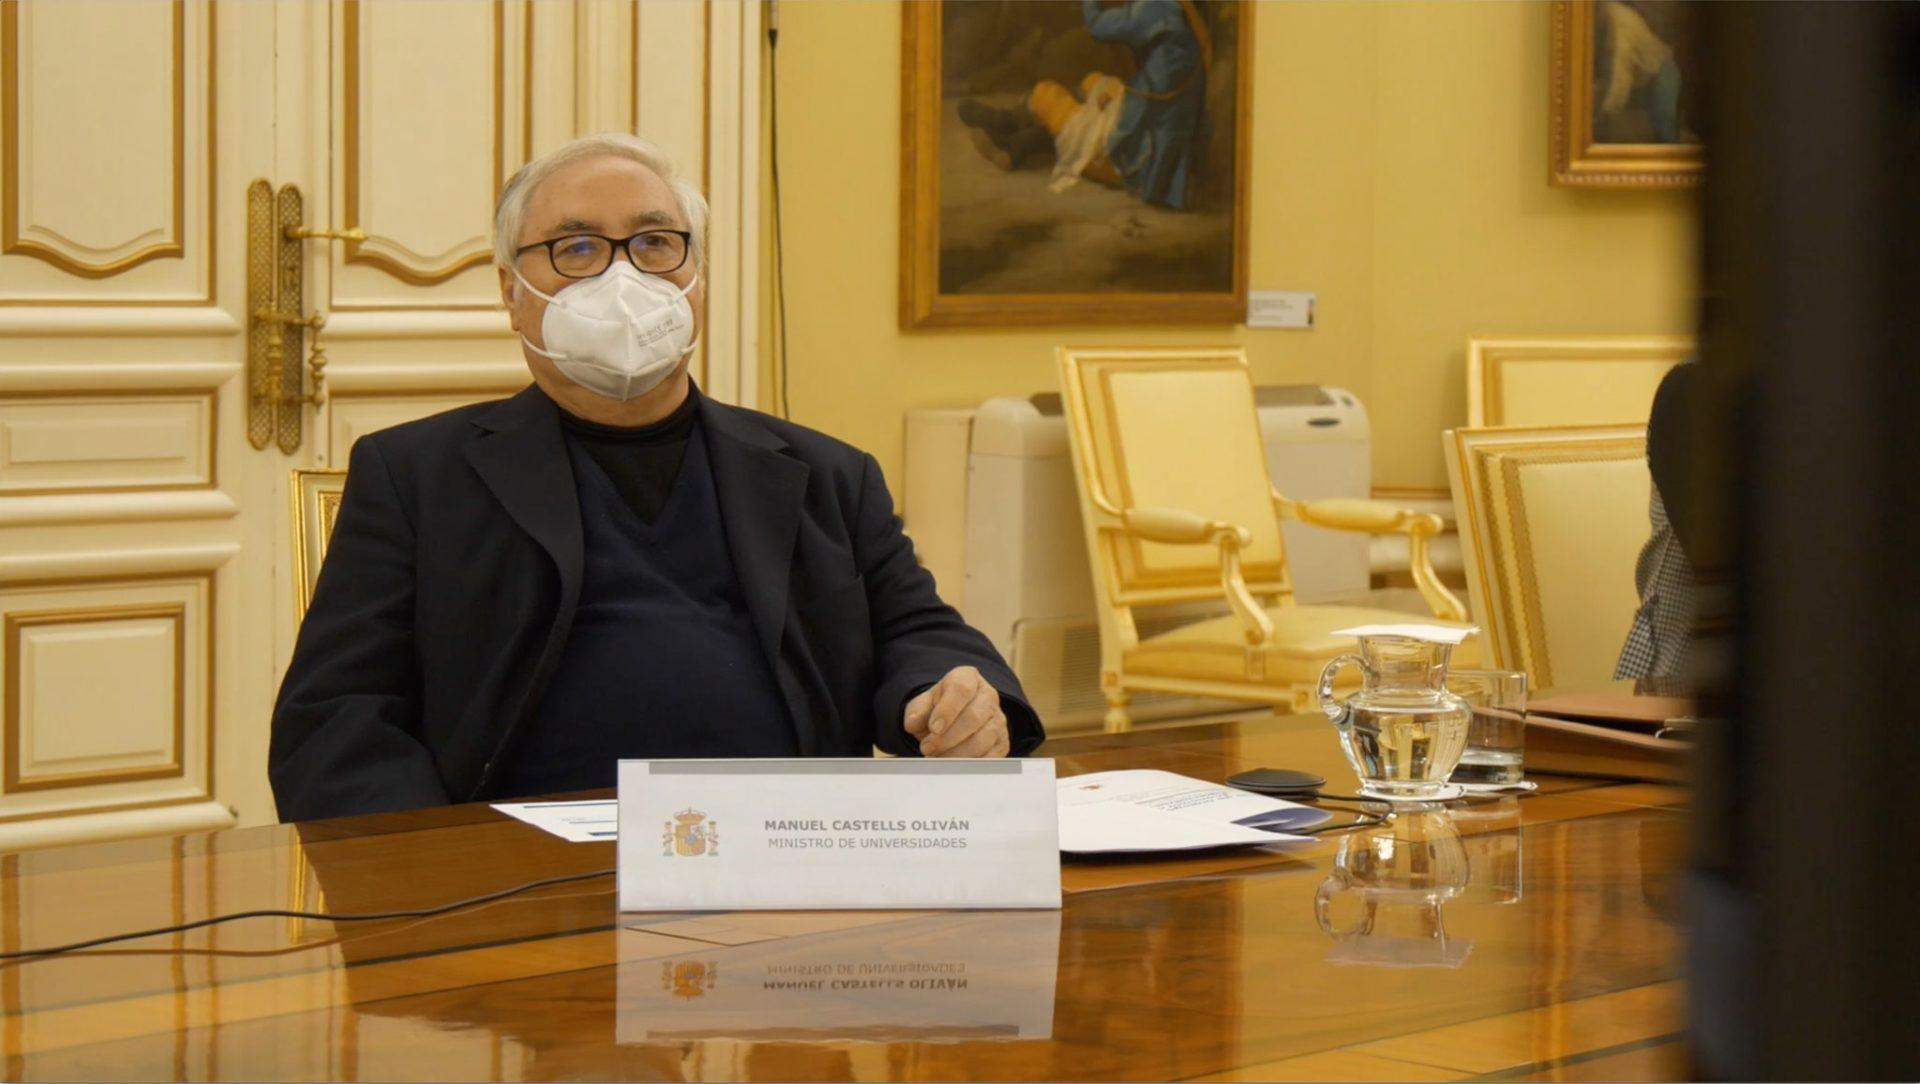 Manuel Castellos sobre una mesa tras un cartel con su nombre